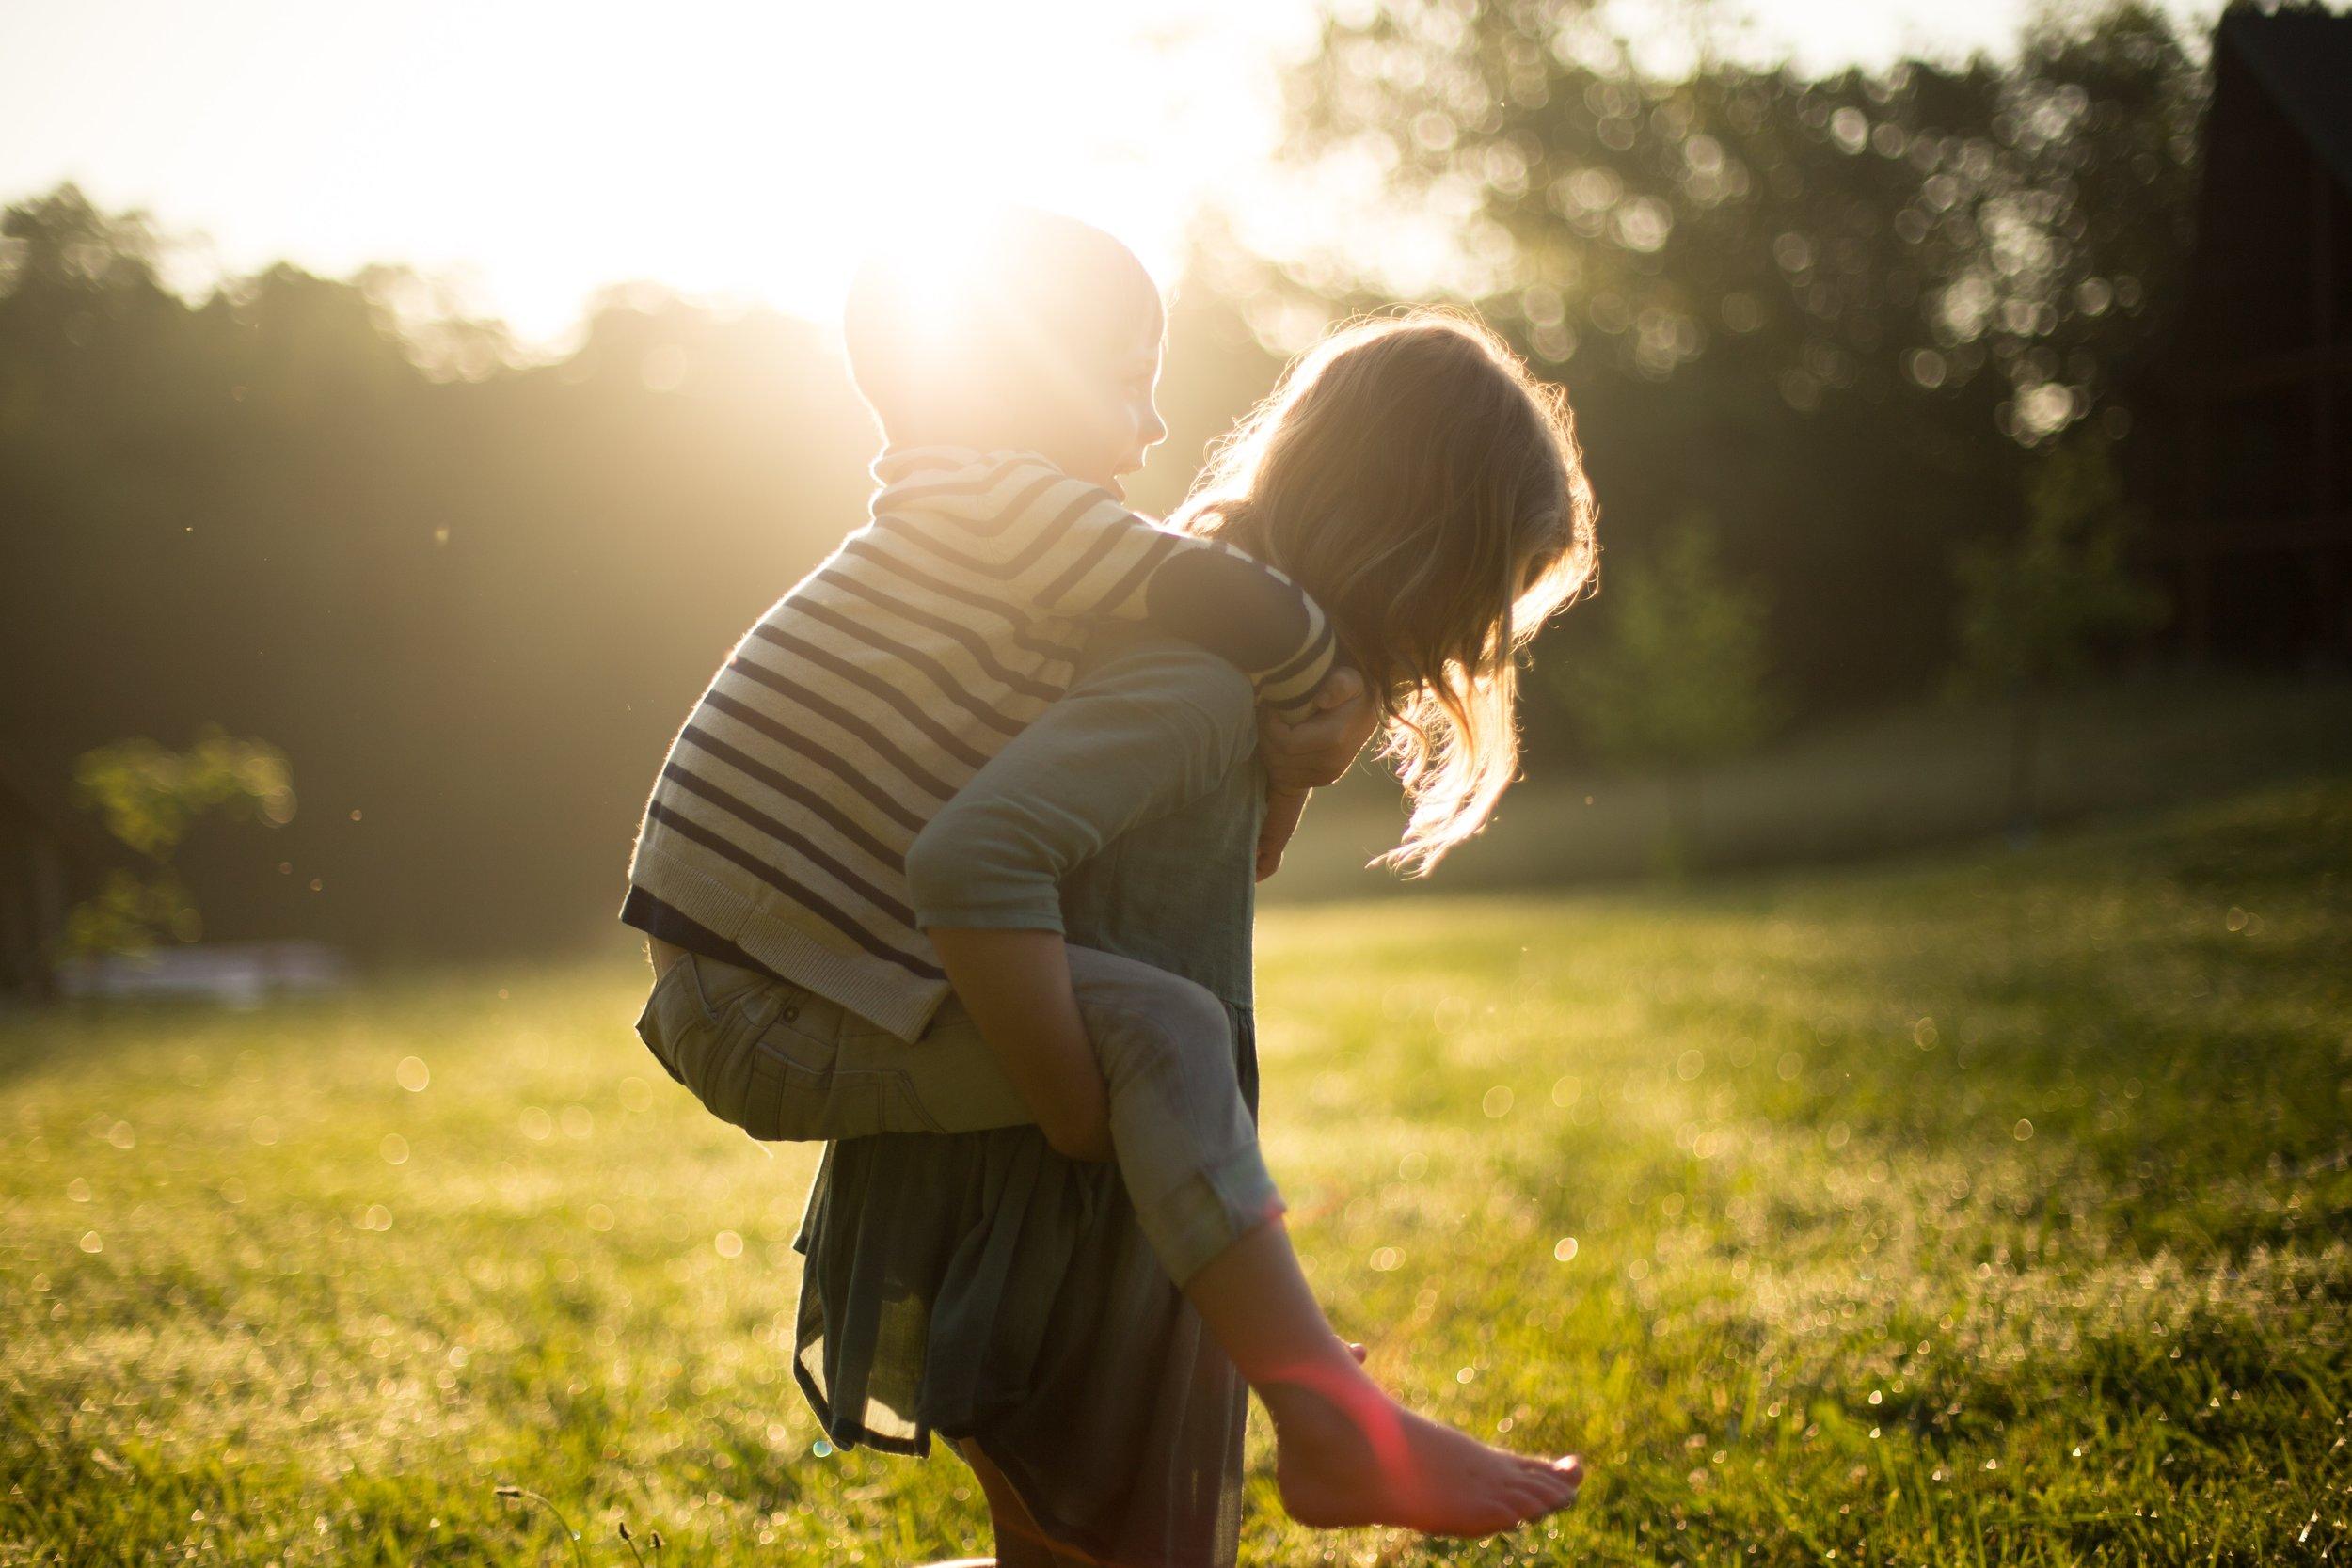 Rådgivning til familier  - Min tilgang til familieterapi er systemisk, det betyder, at jeg sætter fokus på det relationelle. Jeg arbejder ud fra den erfaring,  at problemet ikke ligger hos det enkelte individ, men at problemet ligger i relationen mellem familiemedlemmerne. Vi arbejder med at afklare forskelligheder, kommunikationsform og især evnen til at lytte og anerkende de andre – alt sammen med det formål at styrke jeres relationer. Typiske emner: Vanskelige relationer mellem forældre og børnMistrivsel hos et eller flere børnVanskelige relationer mellem søskendeUdfordringer med svigerfamilienKonflikter mellem forældrene, der påvirker børneneBrud i relationer